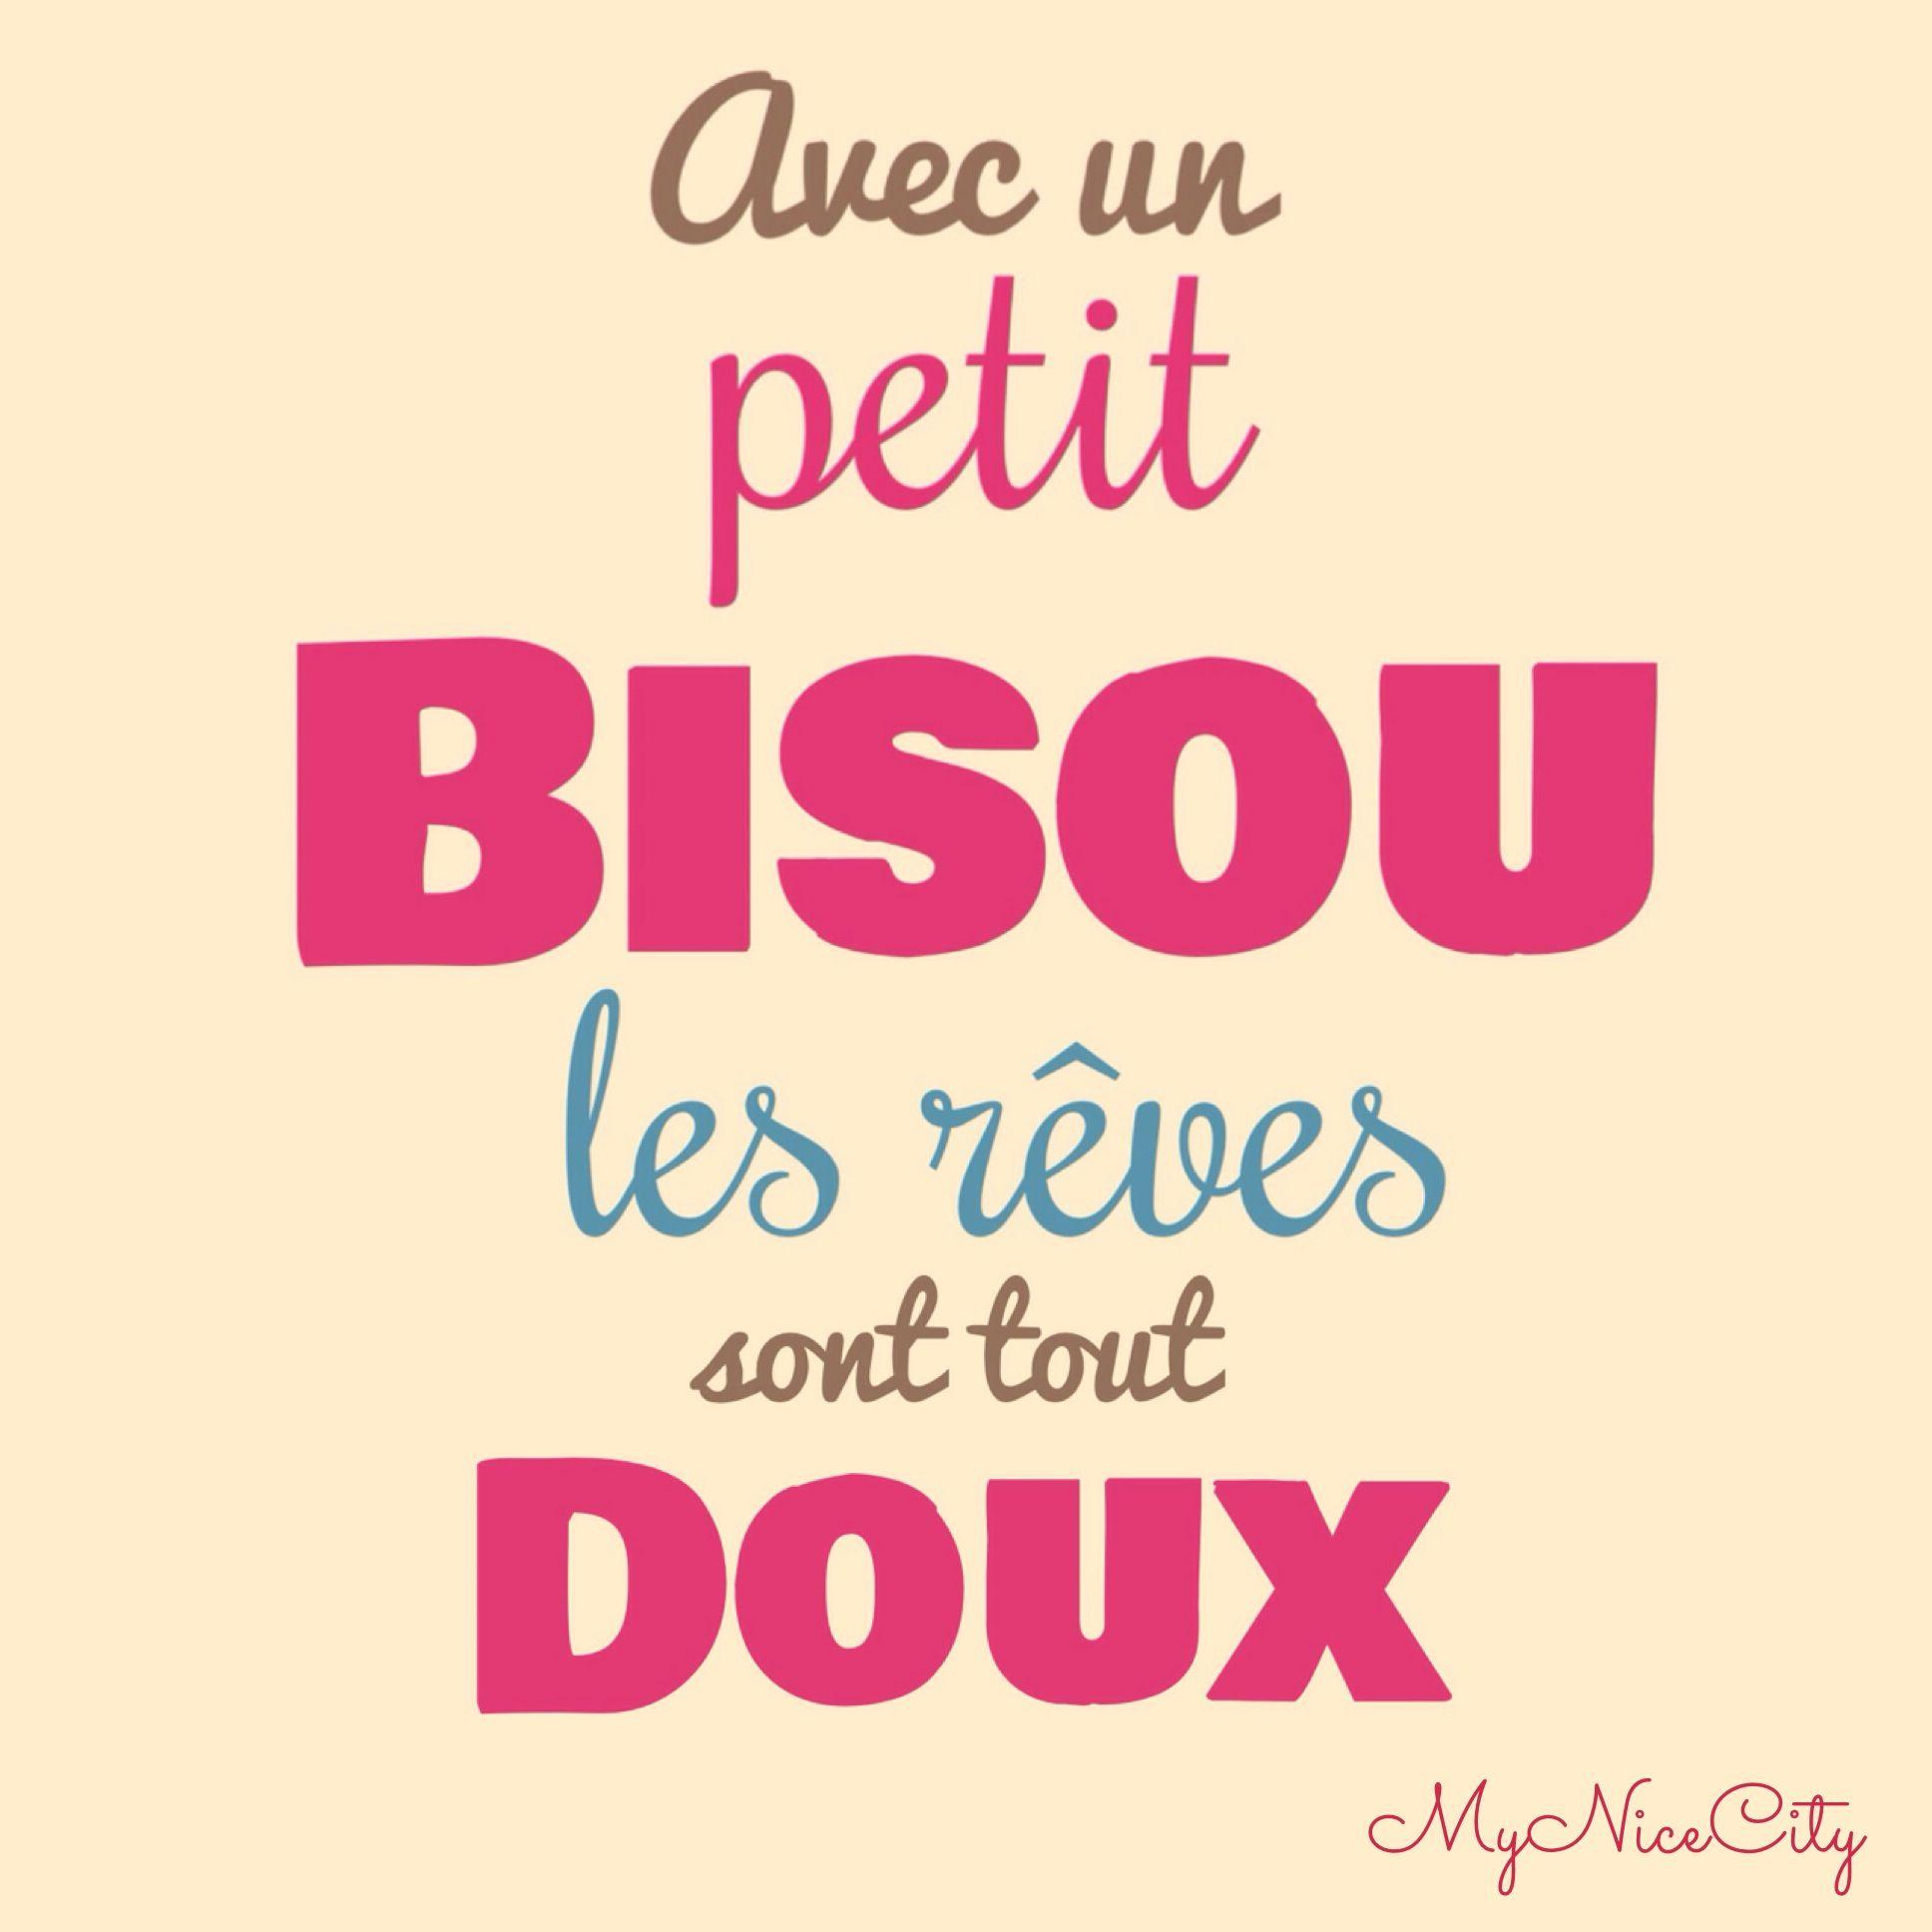 Avec Un Bisou Les Reves Sont Tout Doux Citation Mynicecity Citation Citations D Amour Citation Nuit